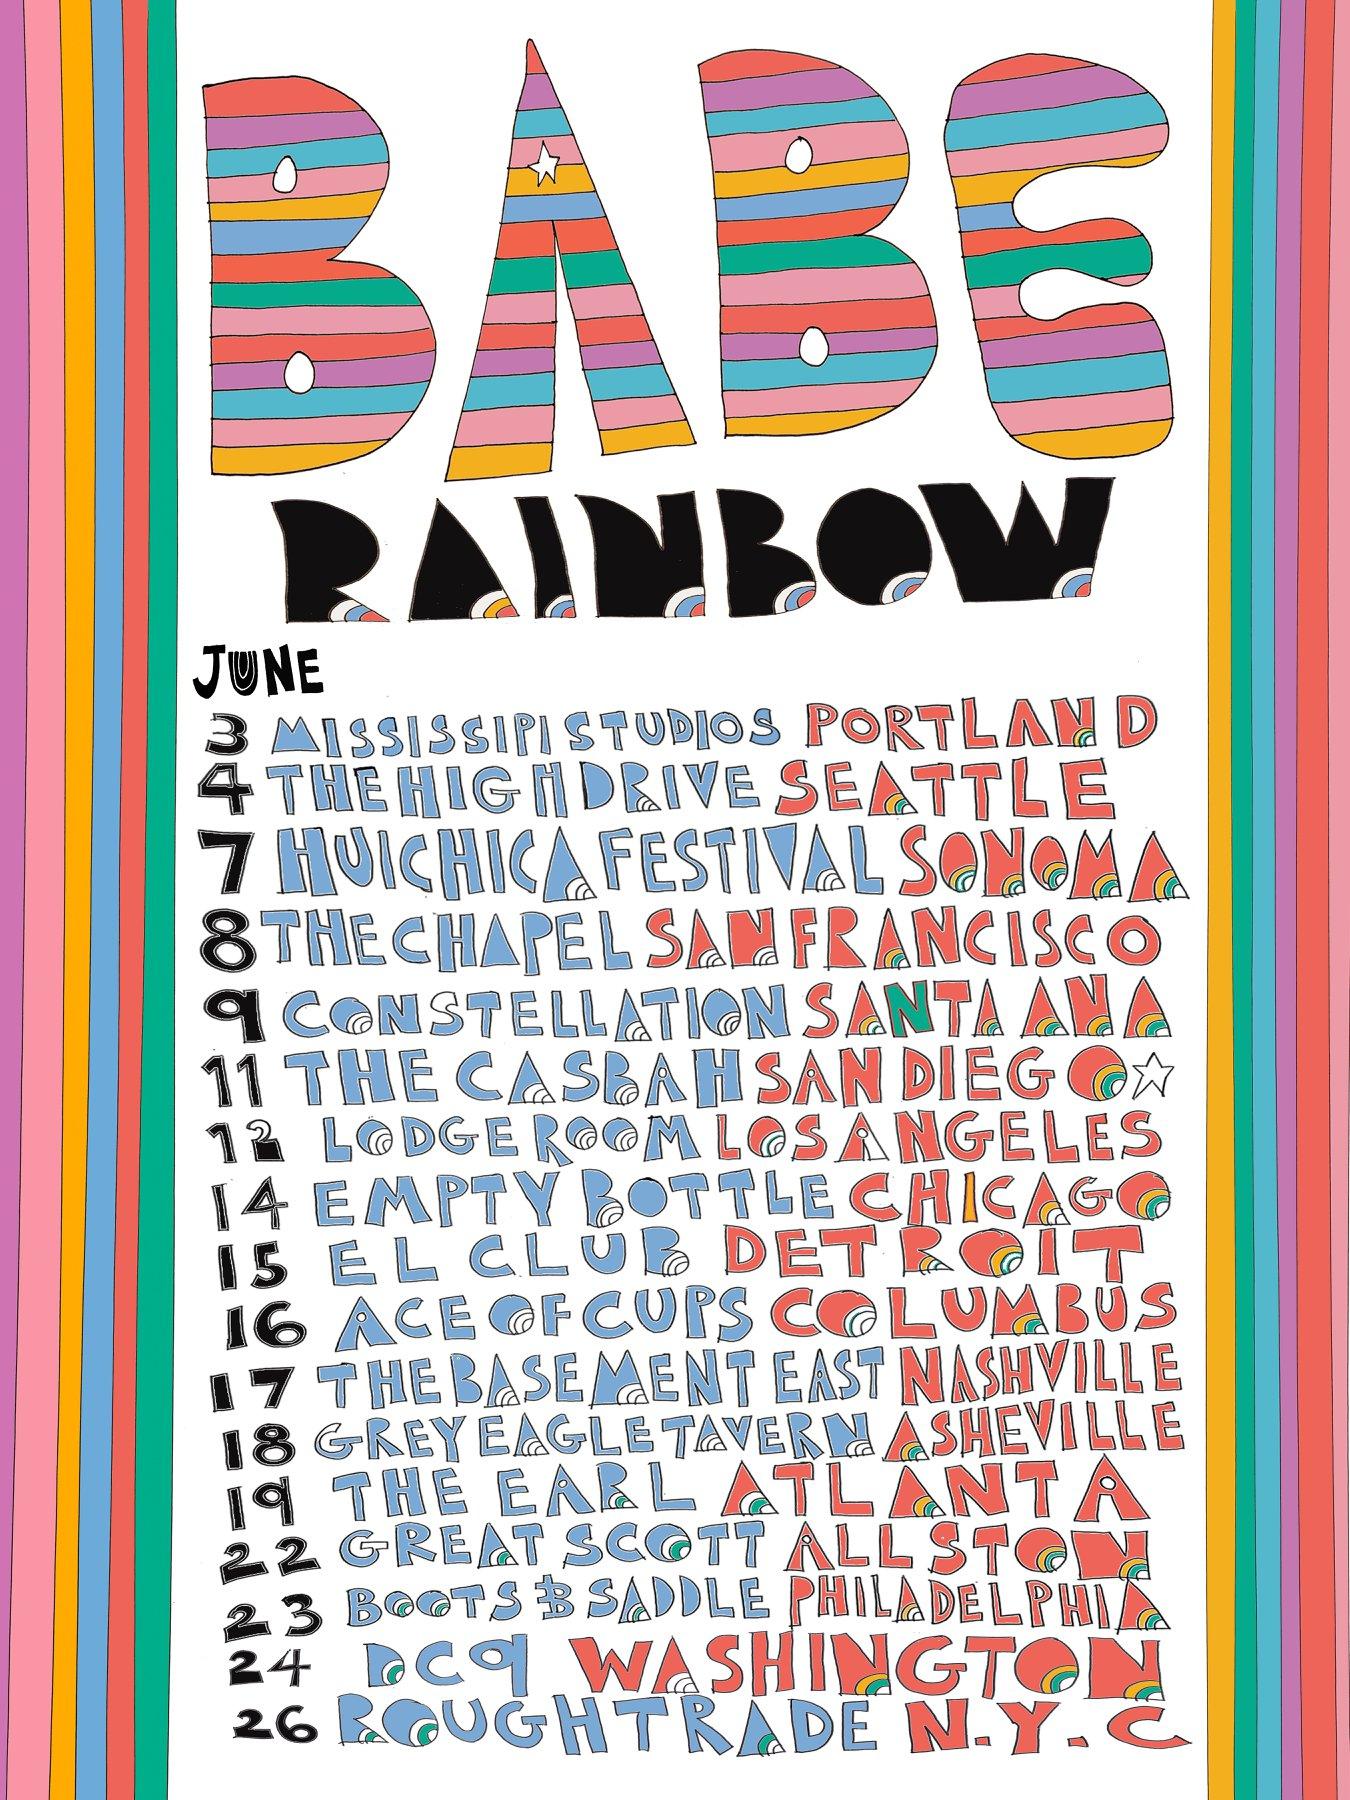 Babe Rainbow tour